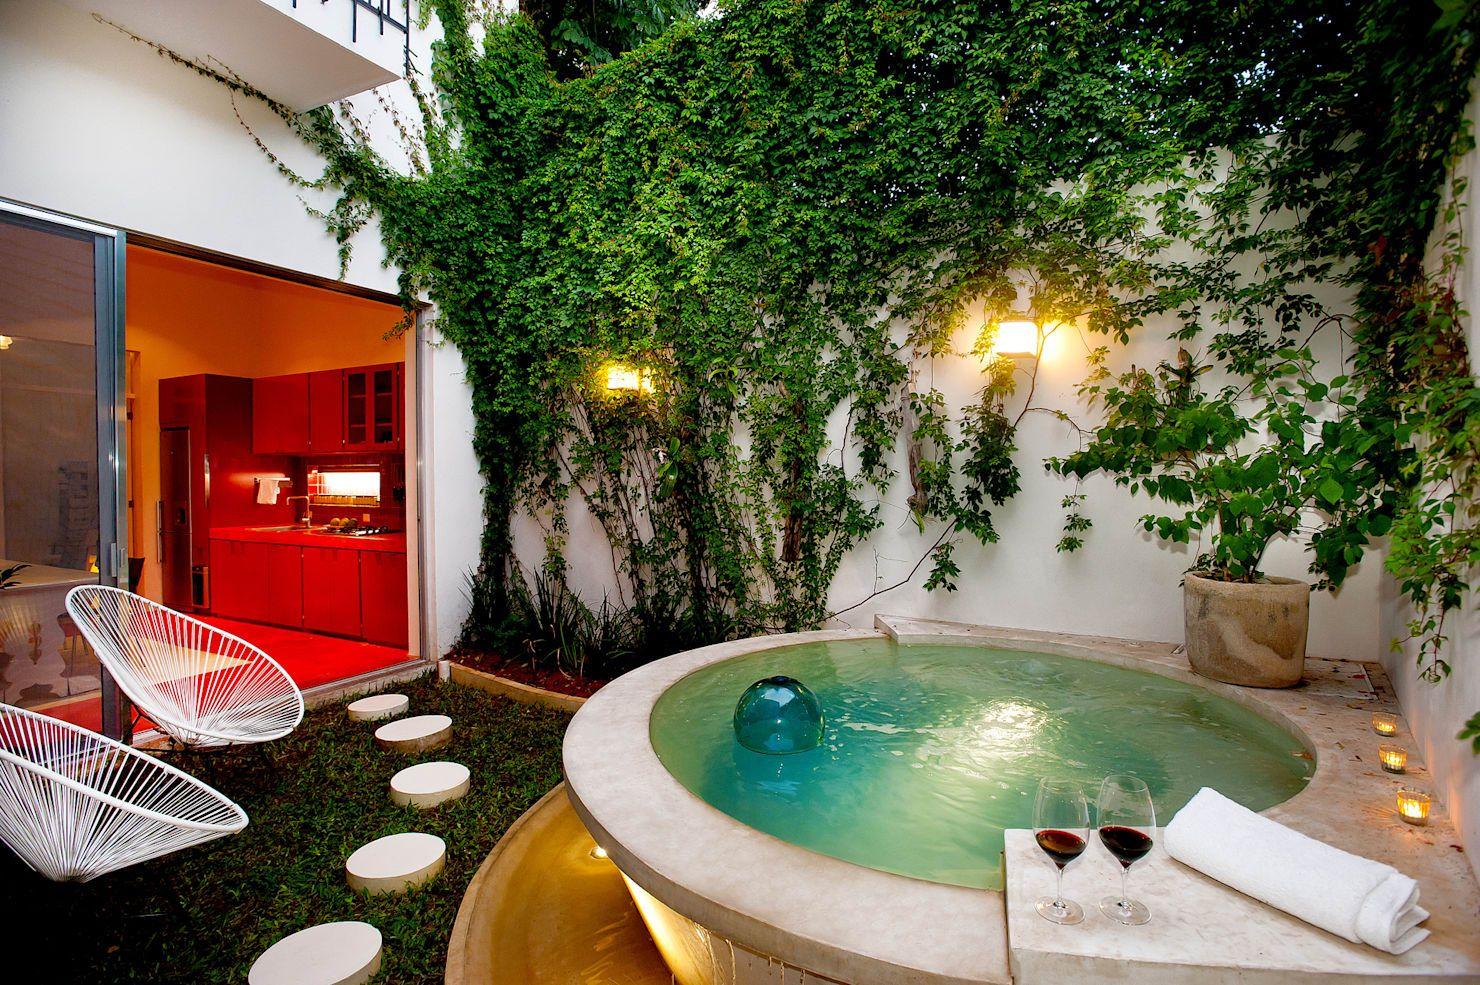 16 fabulosas piscinas y jacuzzis para patios pequeños | Jacuzzi and ...